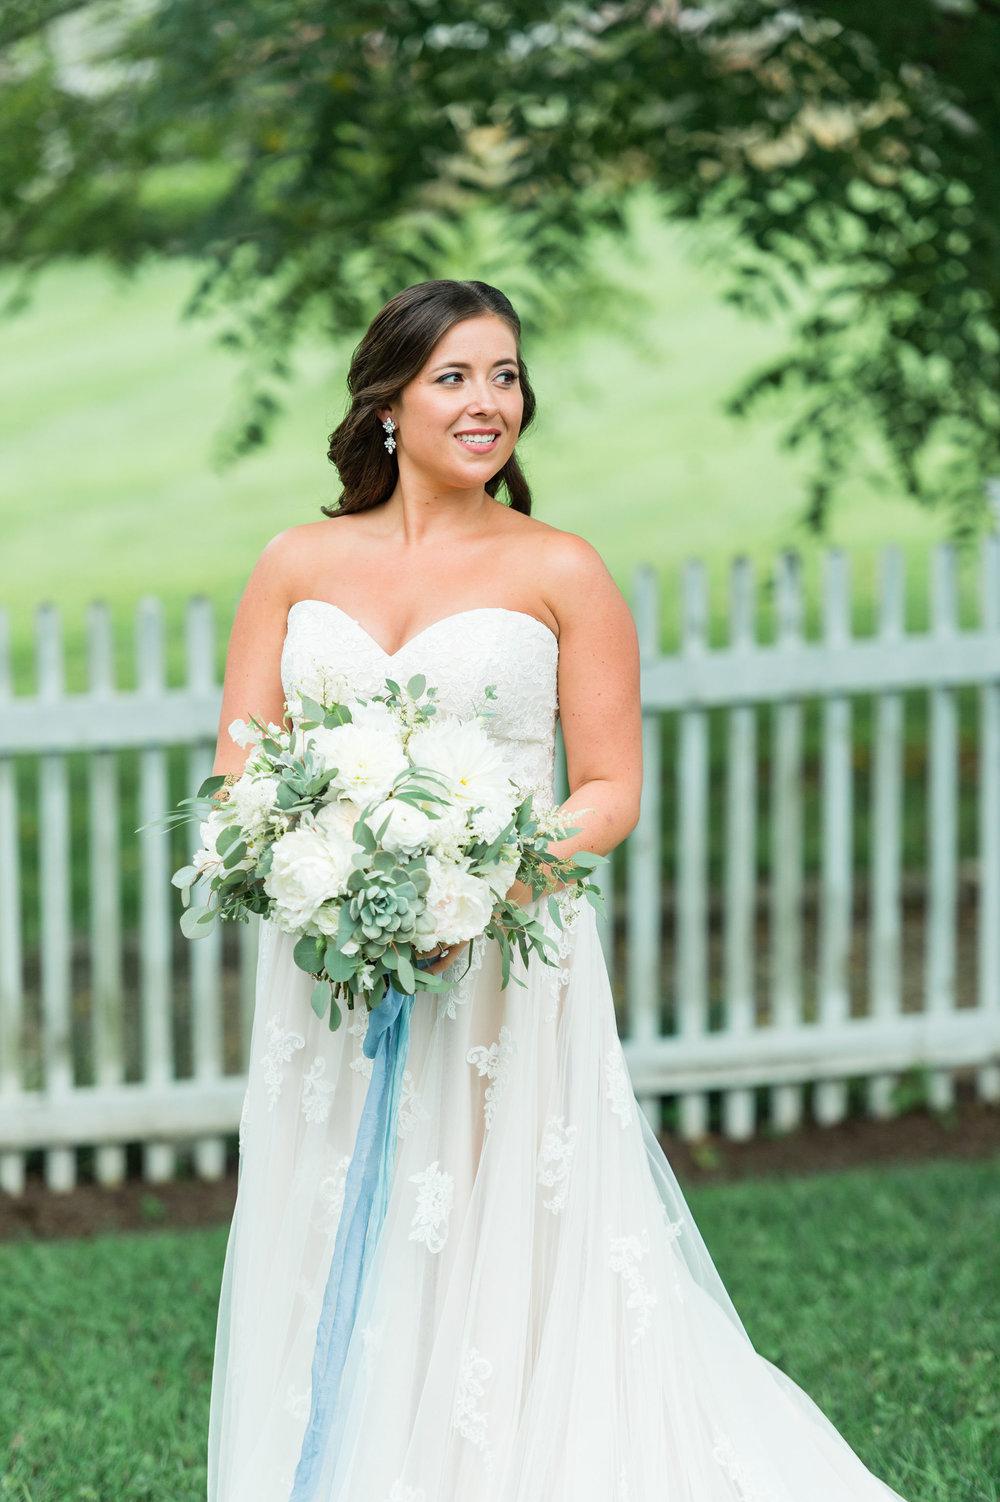 20180811_allie_connor_wedding_0150.jpg